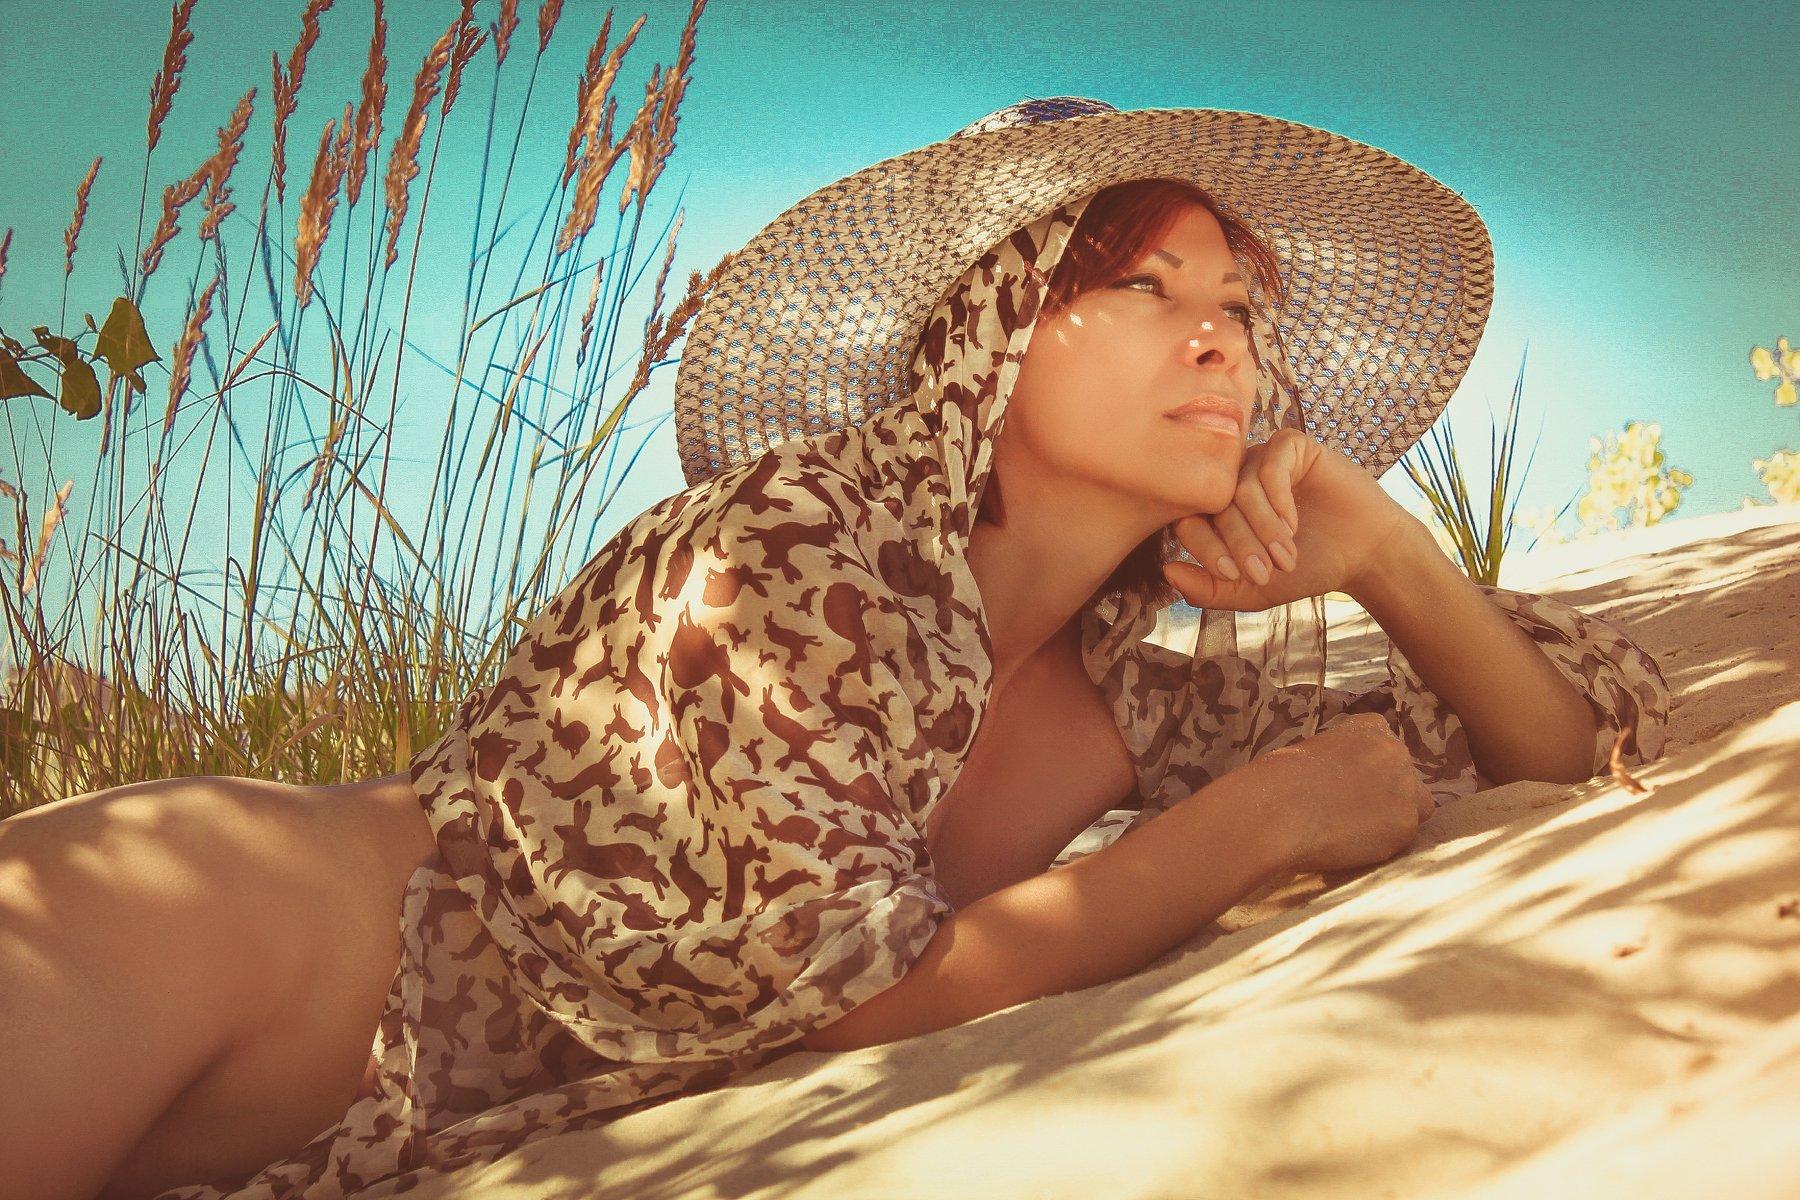 девушка, лето, тень жара, Элен